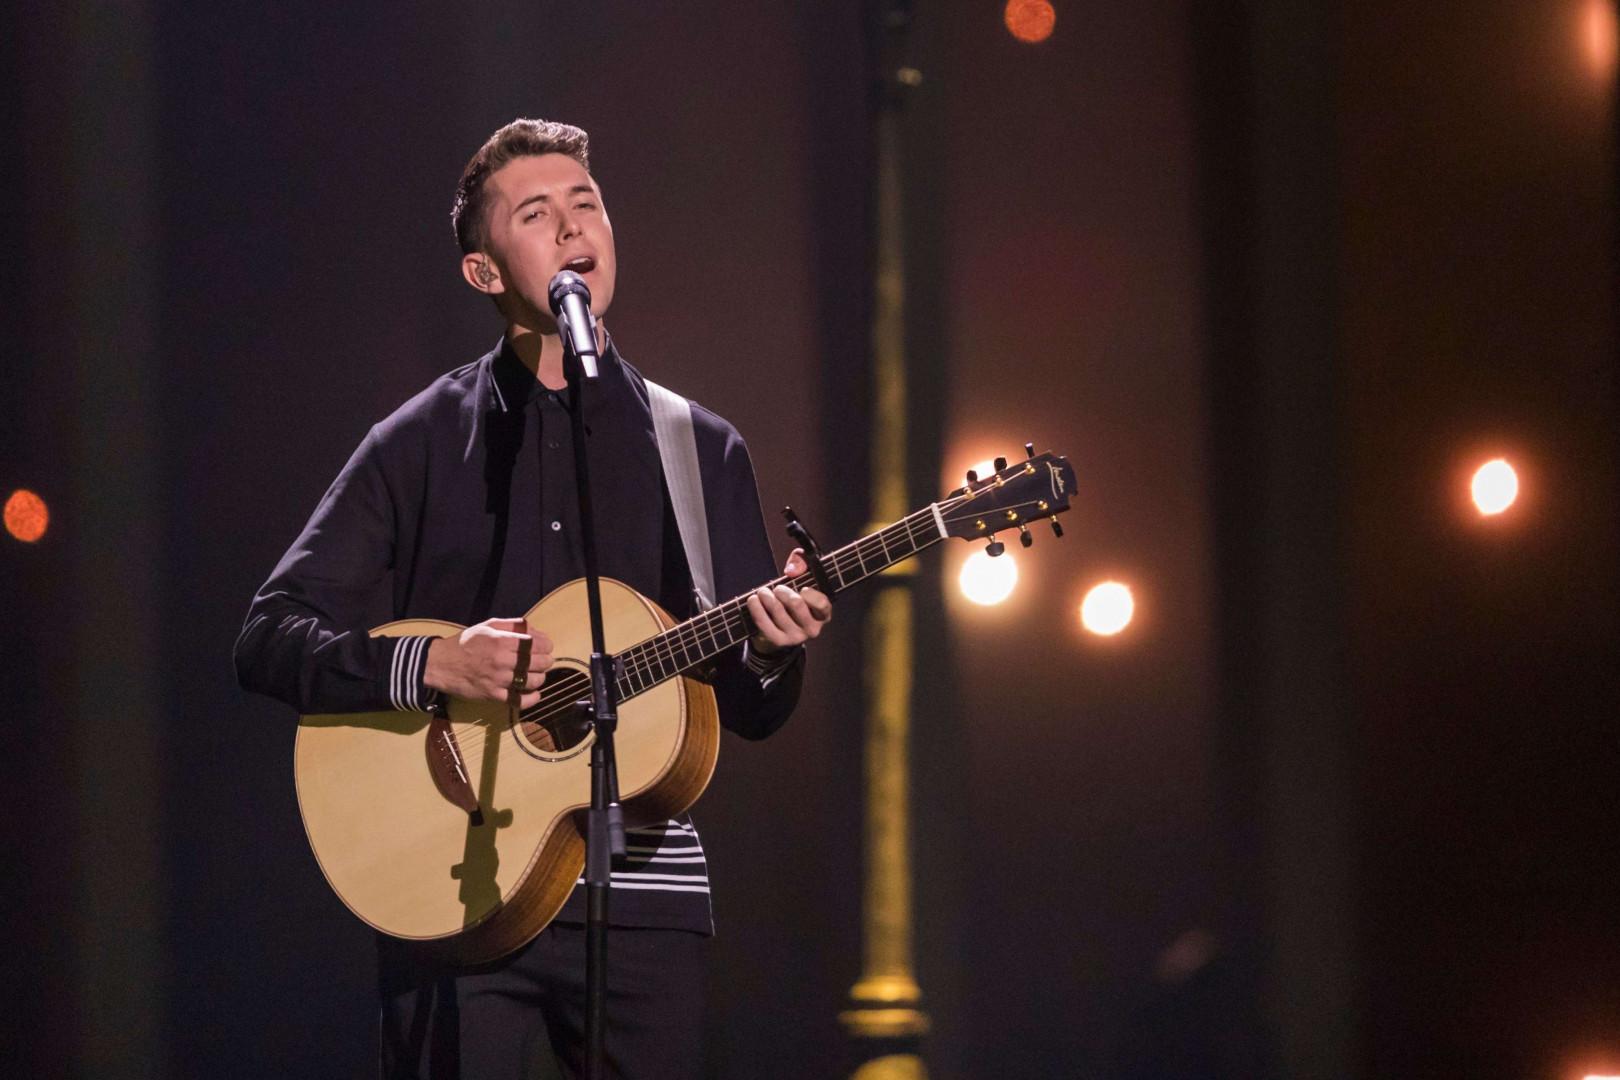 Ryan O'Shaughnessy (Irlande) est qualifié pour la finale de l'Eurovision 2018